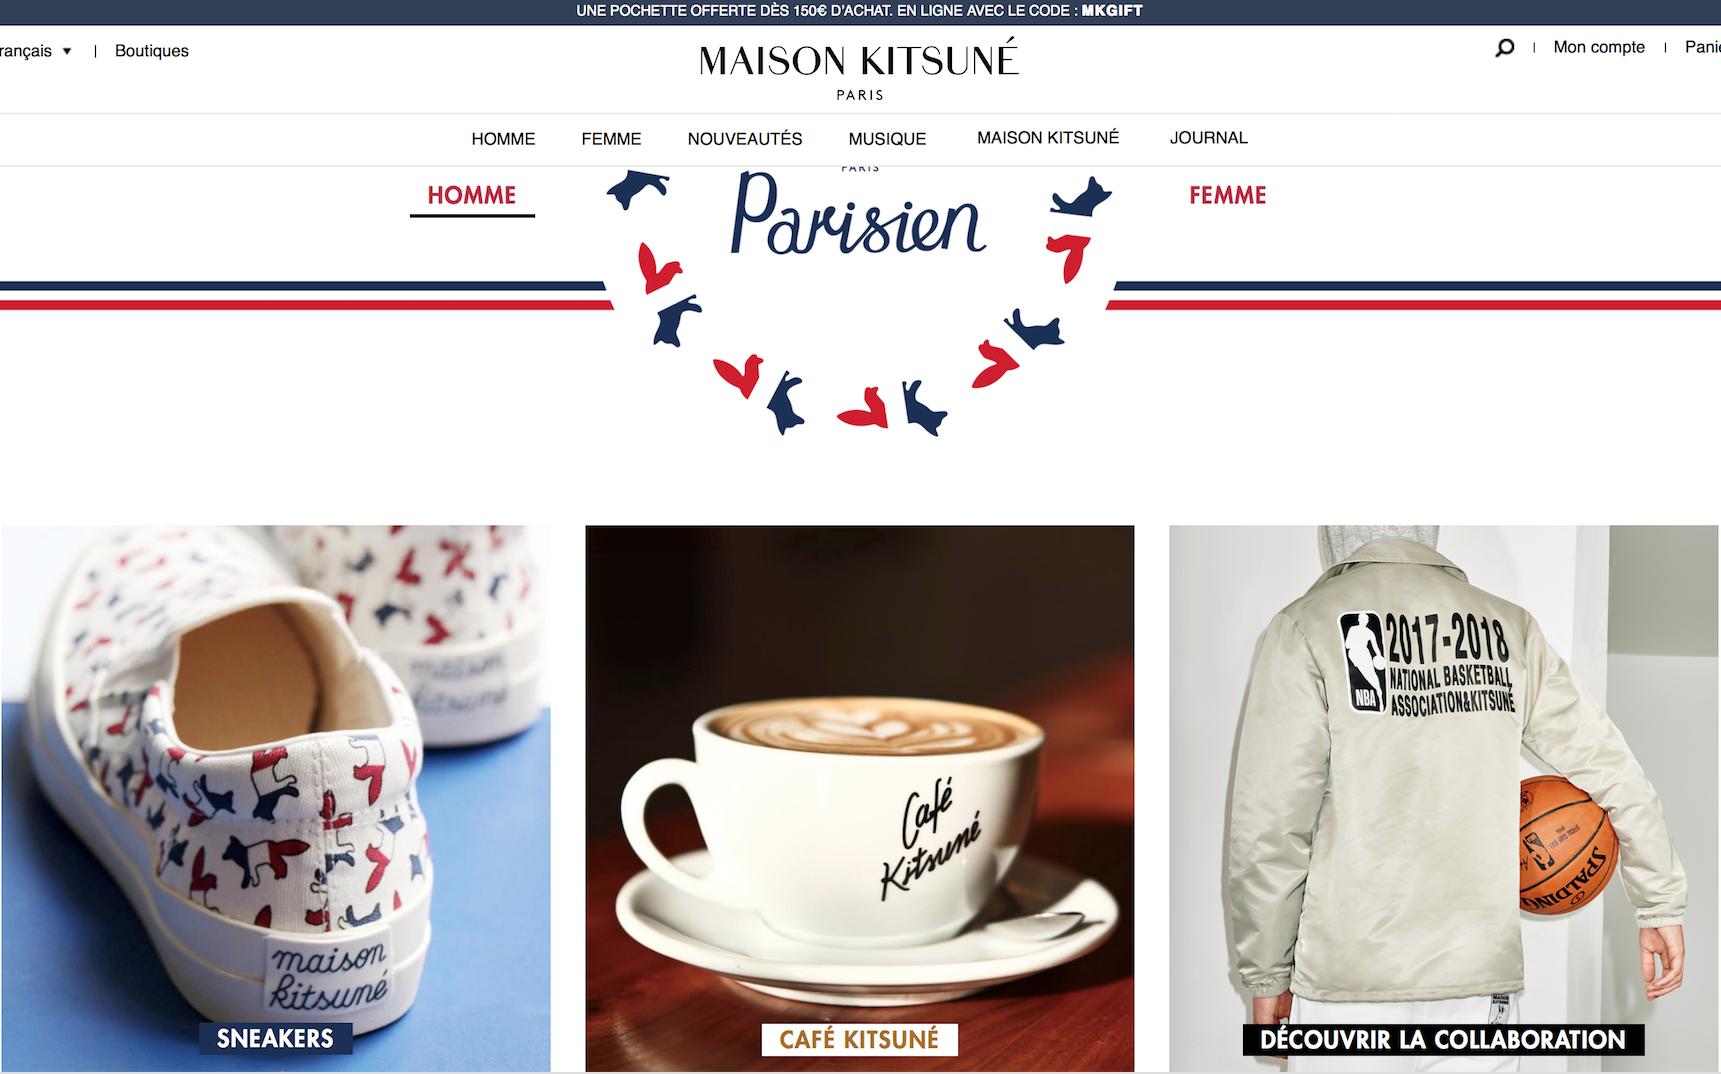 法国时尚品牌Maison Kitsuné 联合创始人:我们是一个靠音乐起家的生活方式品牌